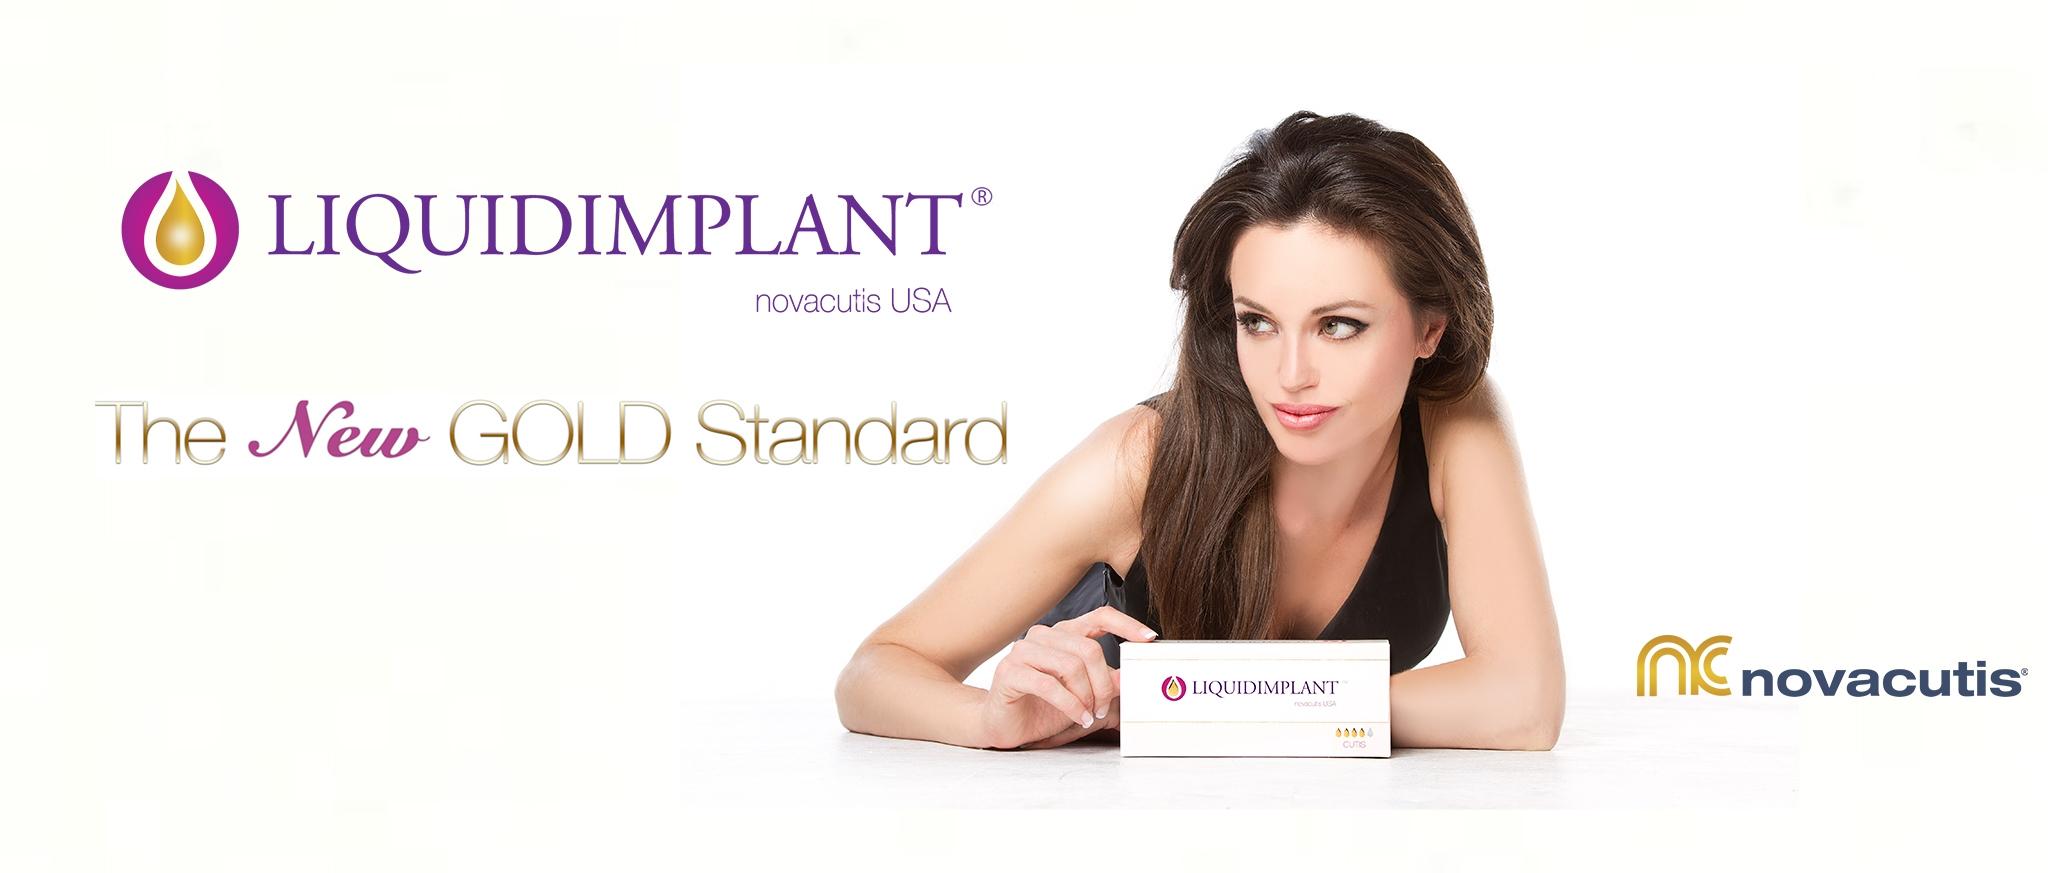 Liquidimplant (@liquidimplant) Cover Image